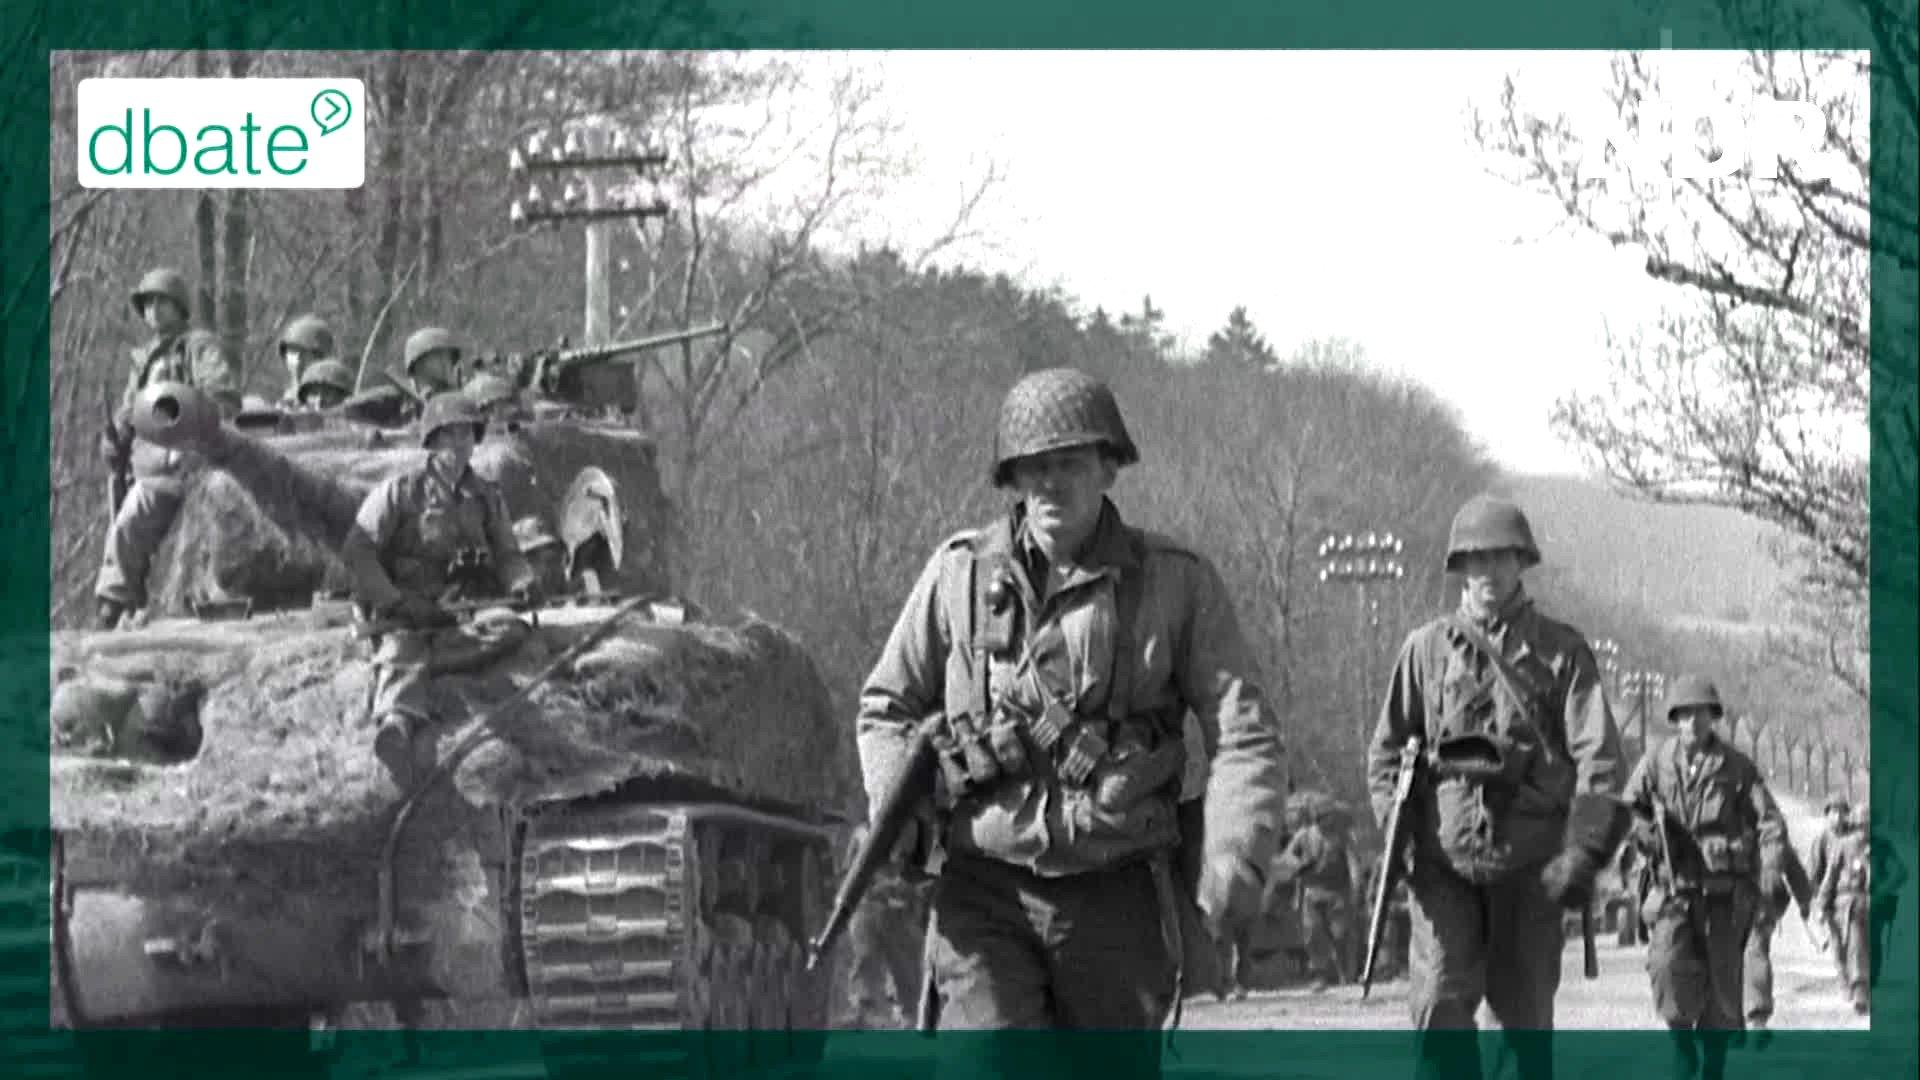 Soldaten im Jahr 1945.